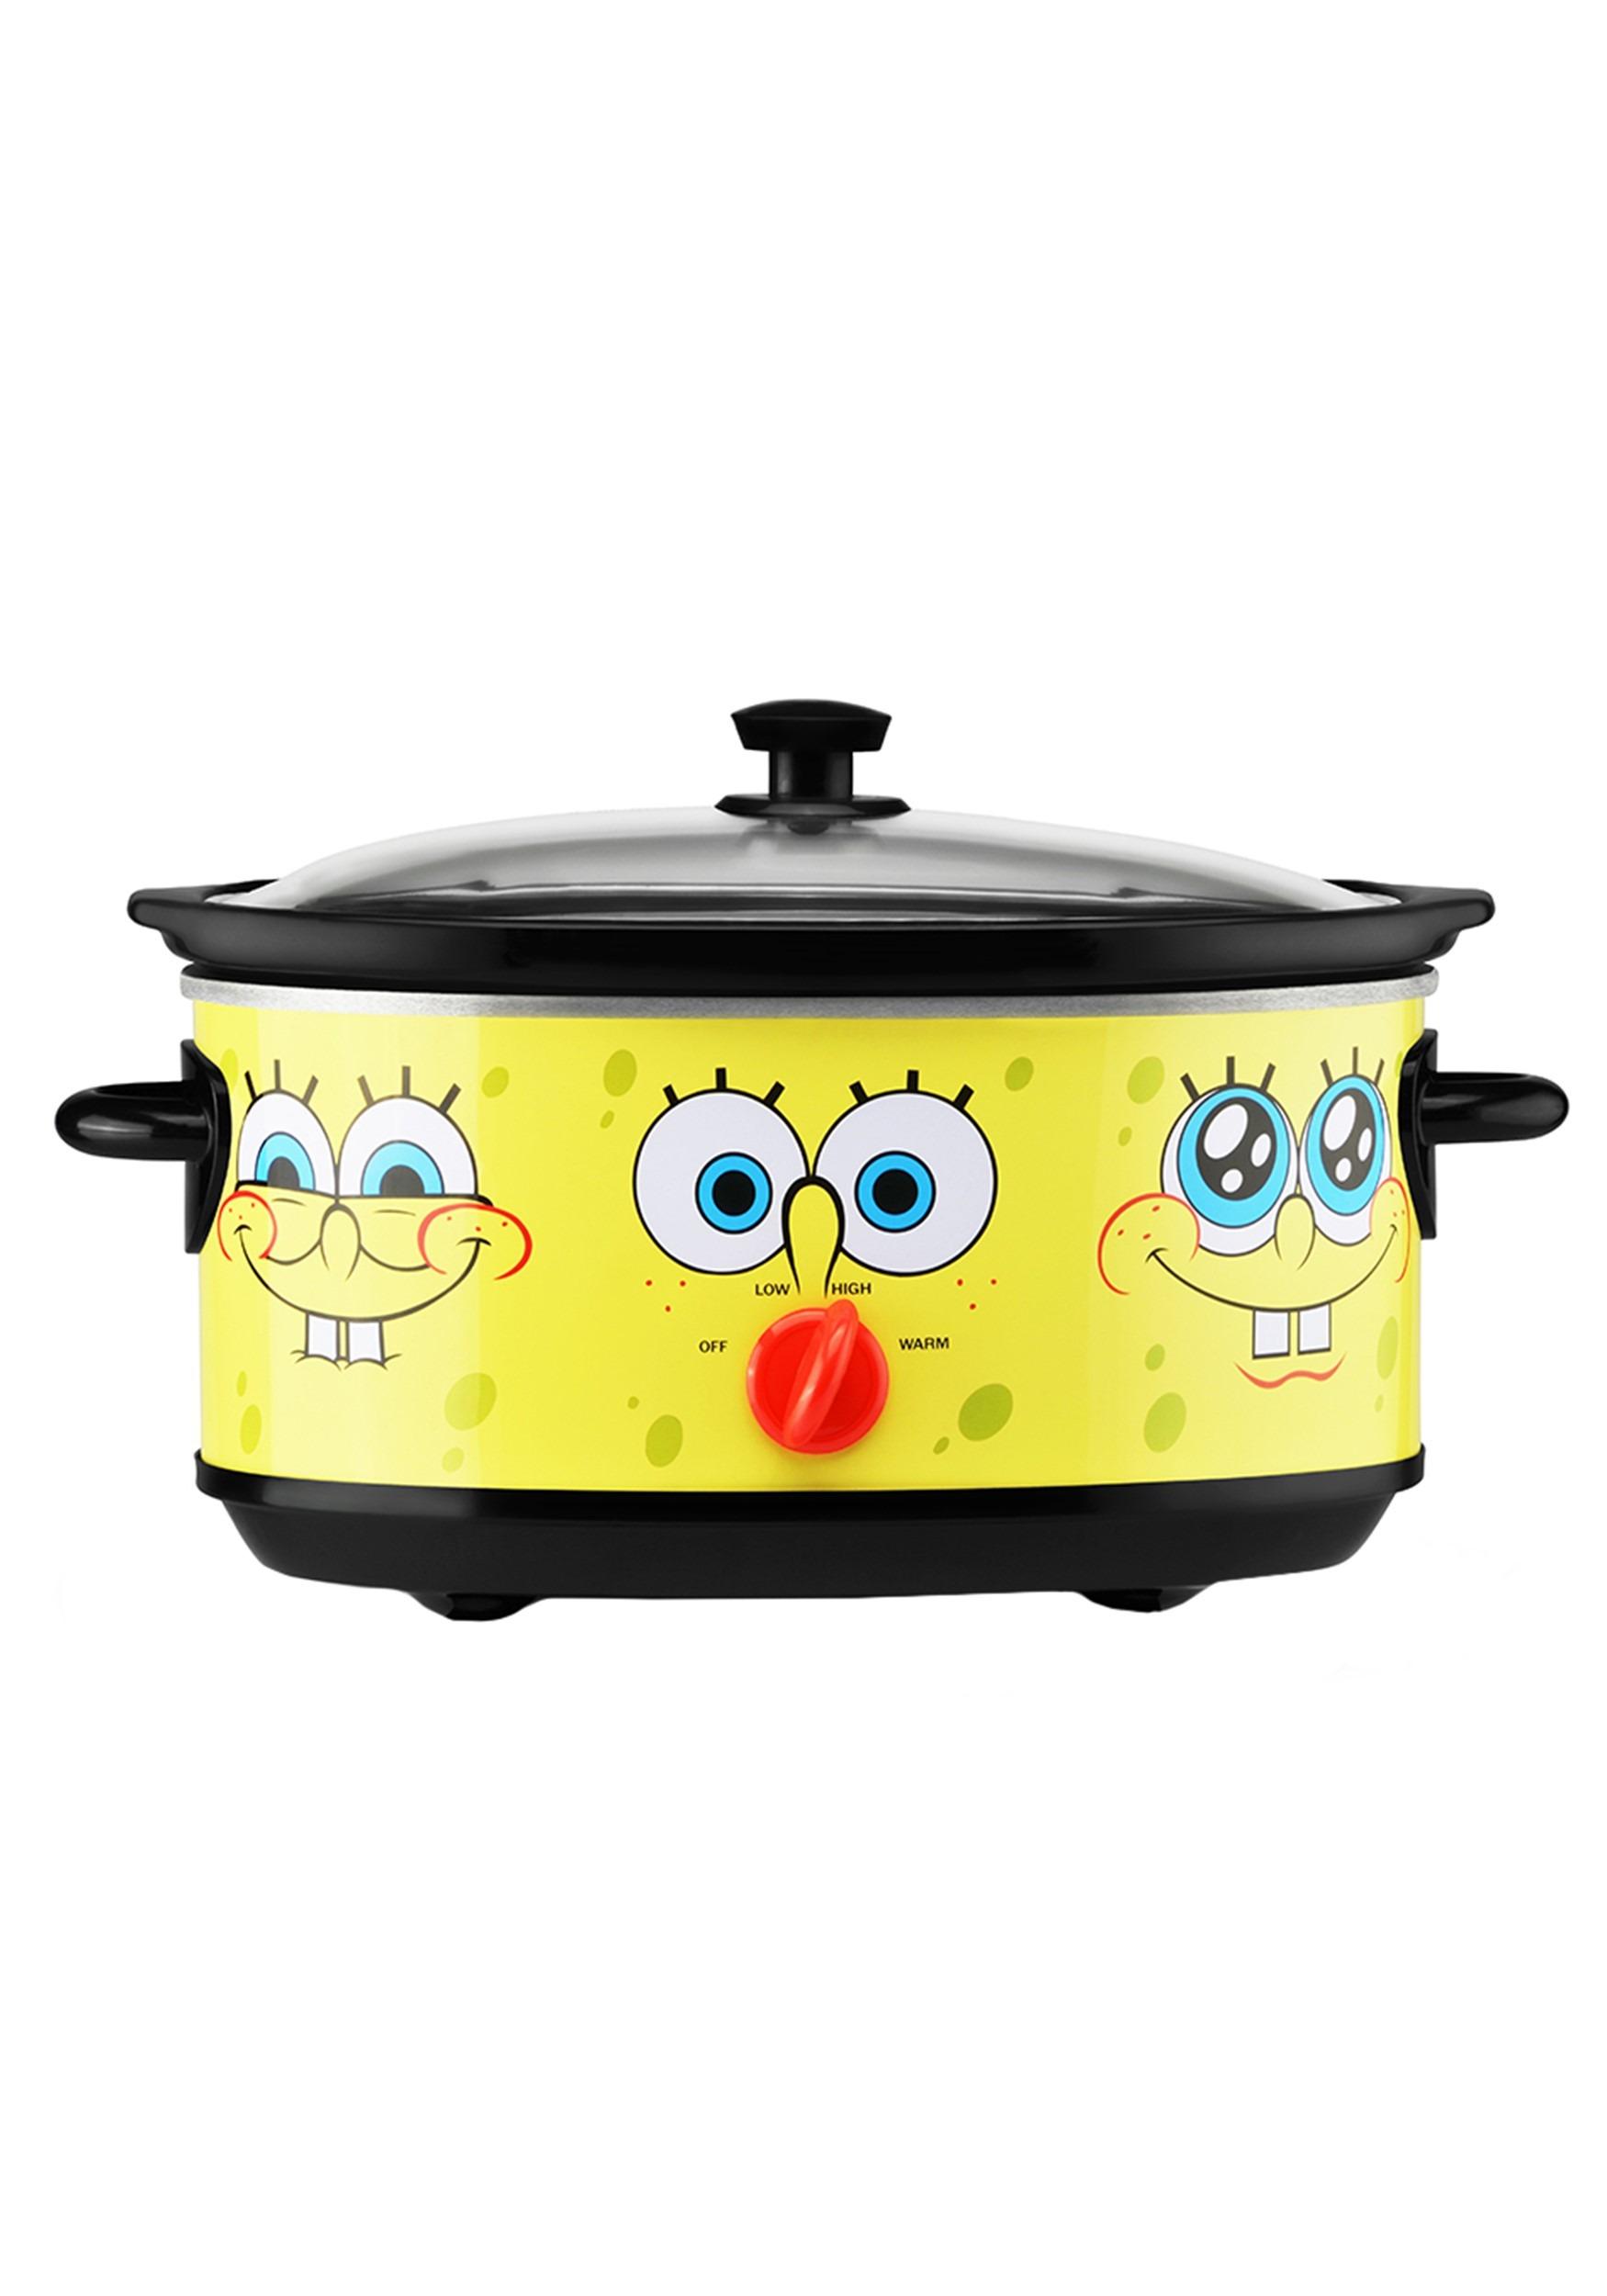 Funny Spongebob 7 Quart Crock Pot